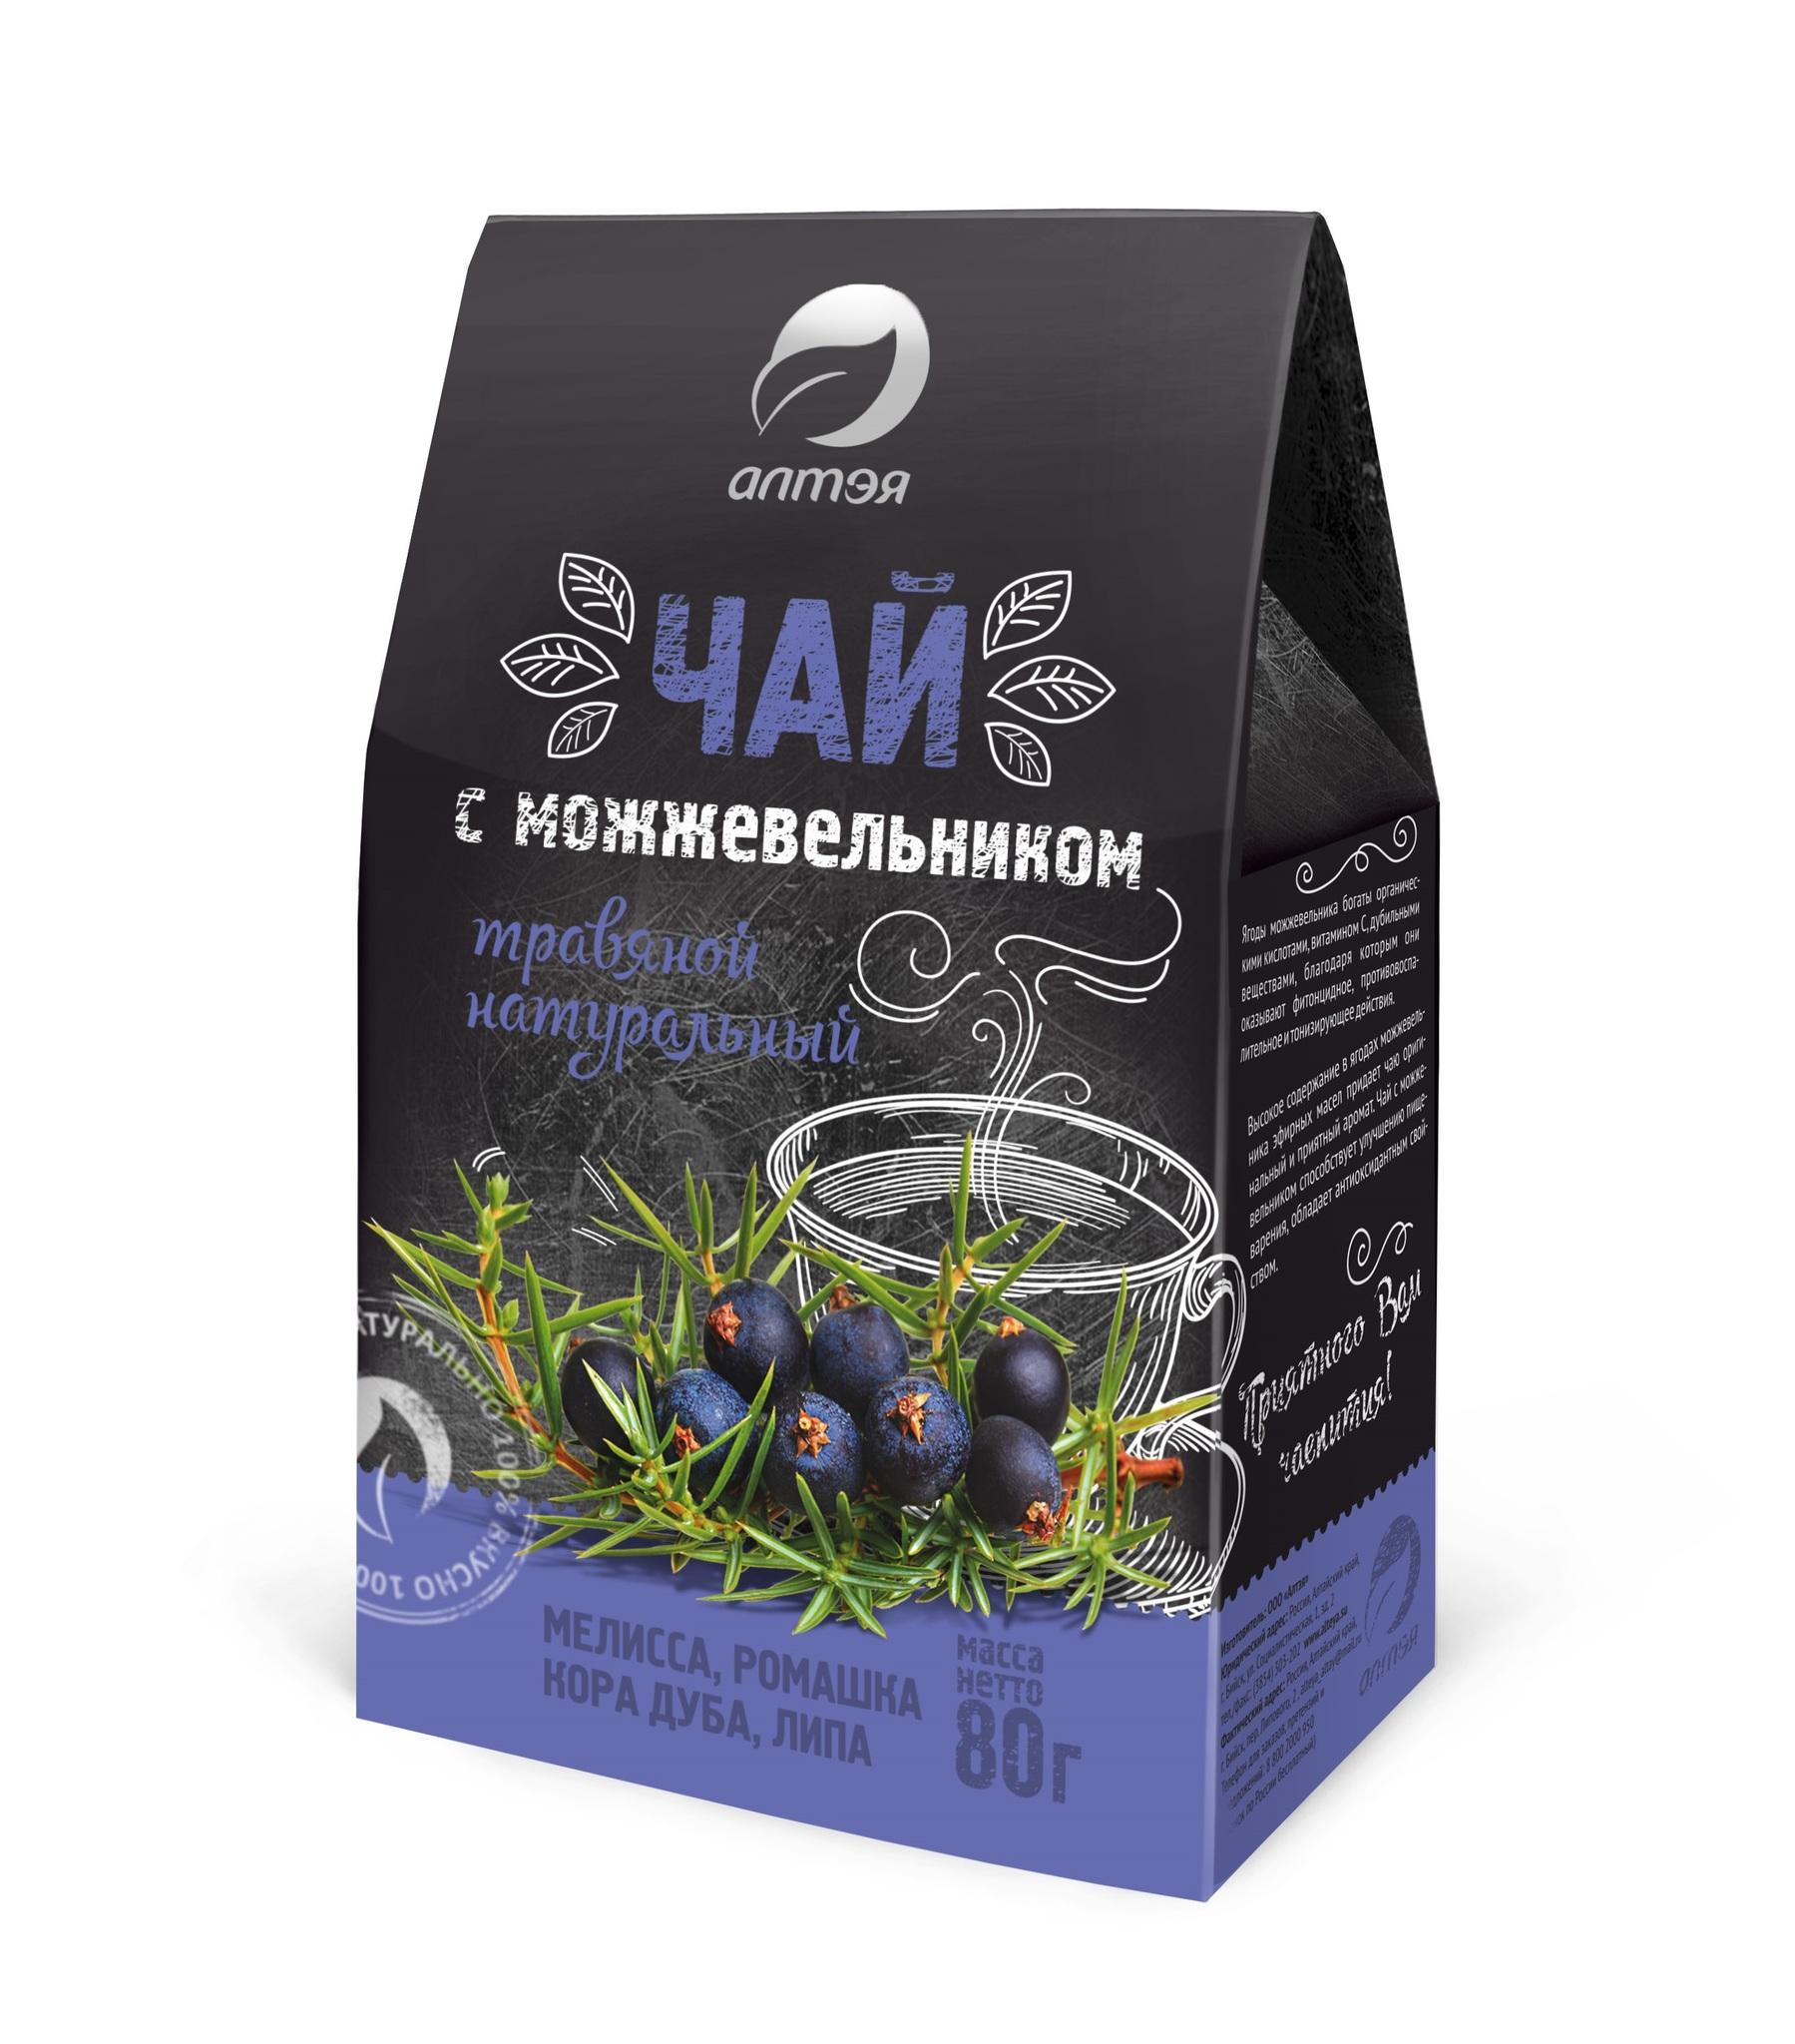 Травяной чай с можжевельником фото1